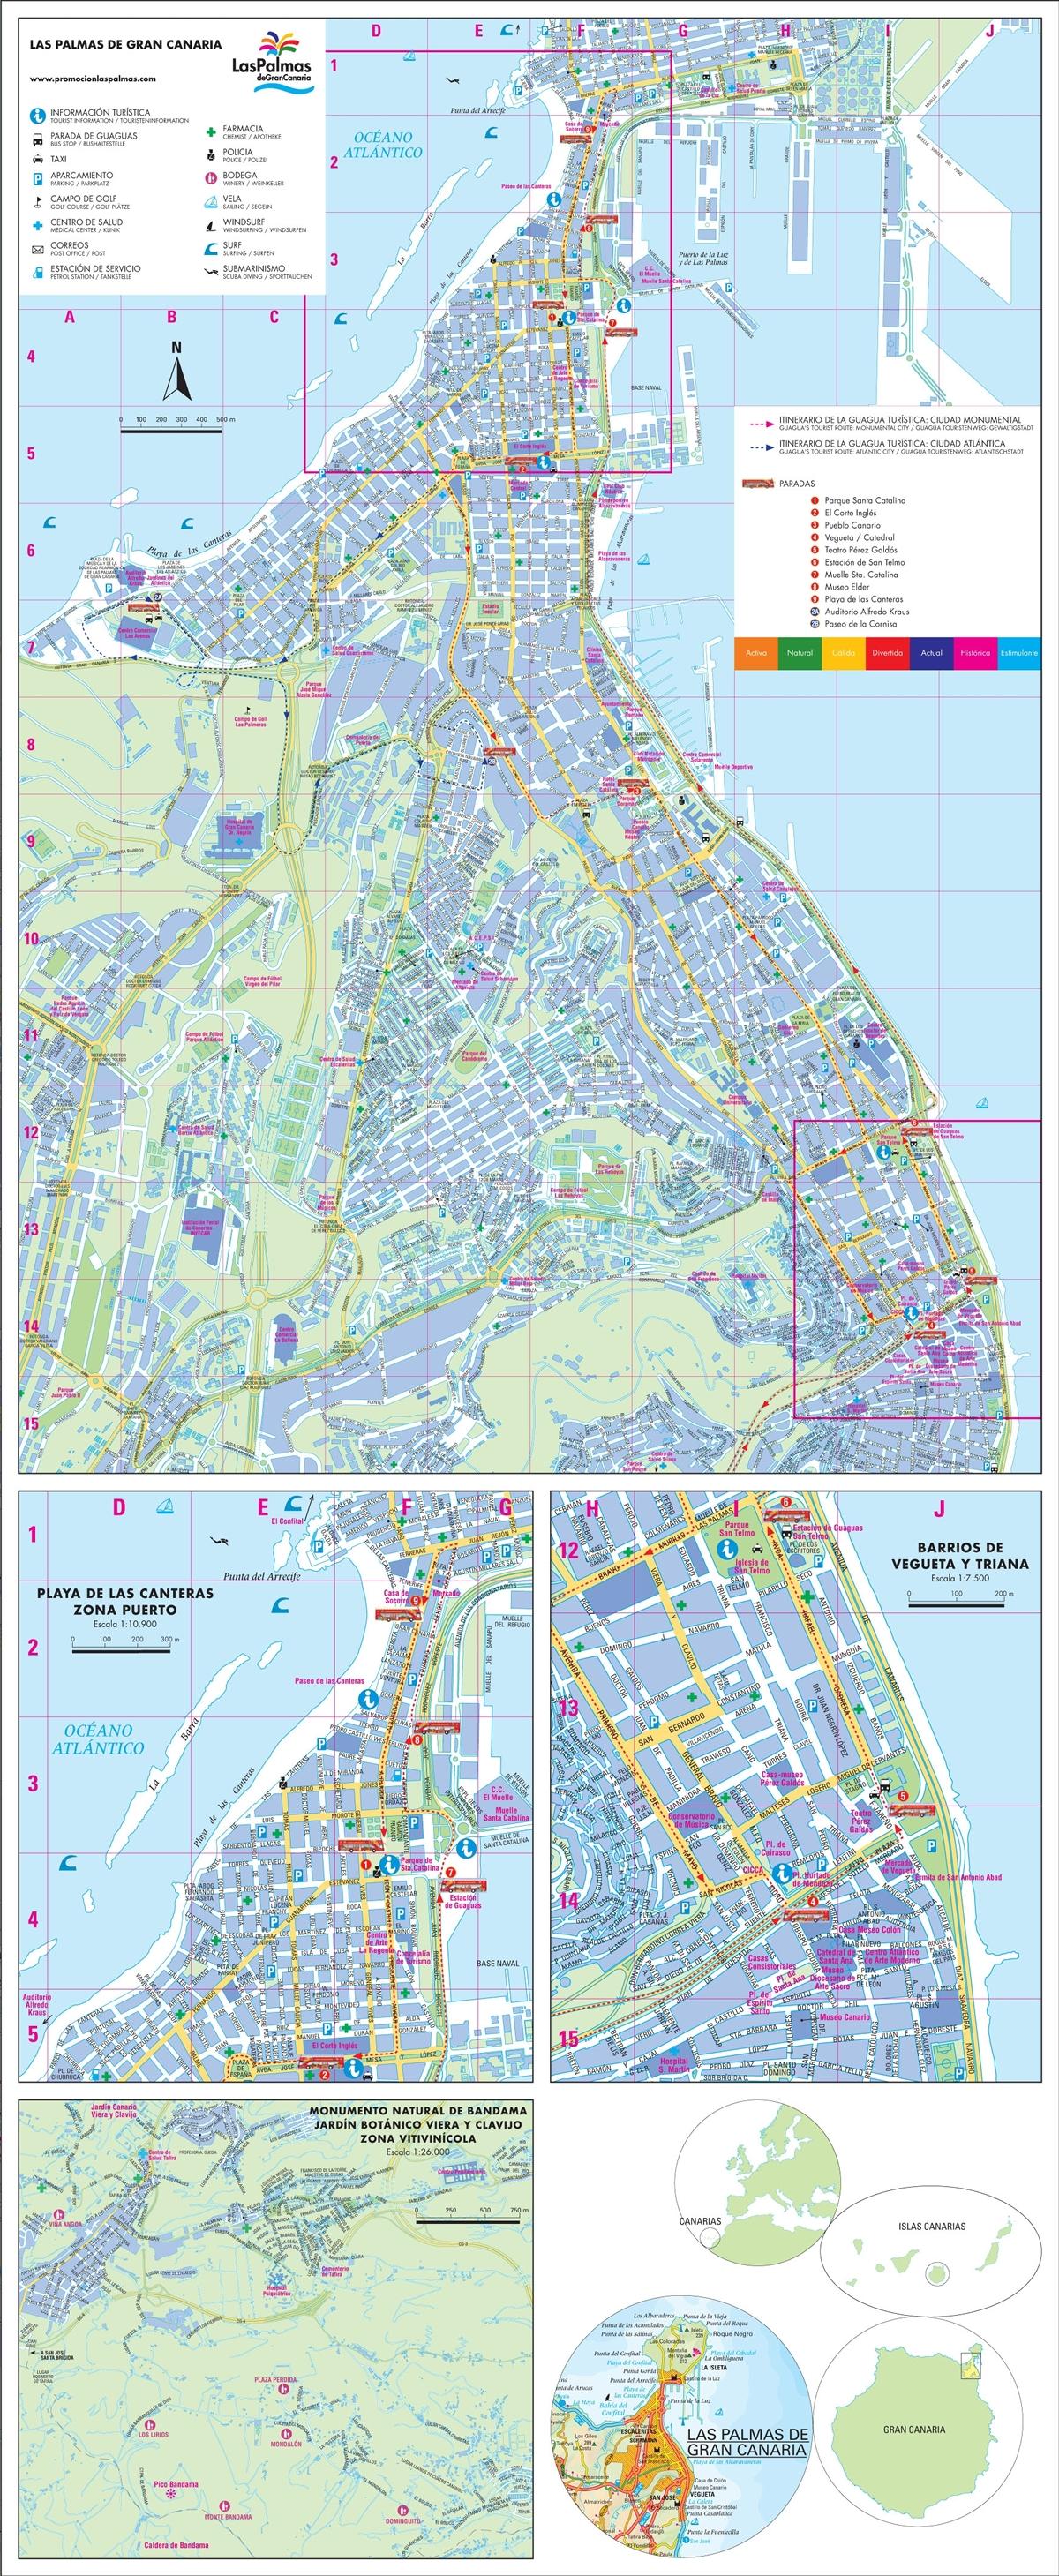 Mapa turístico de Las Palmas 2010